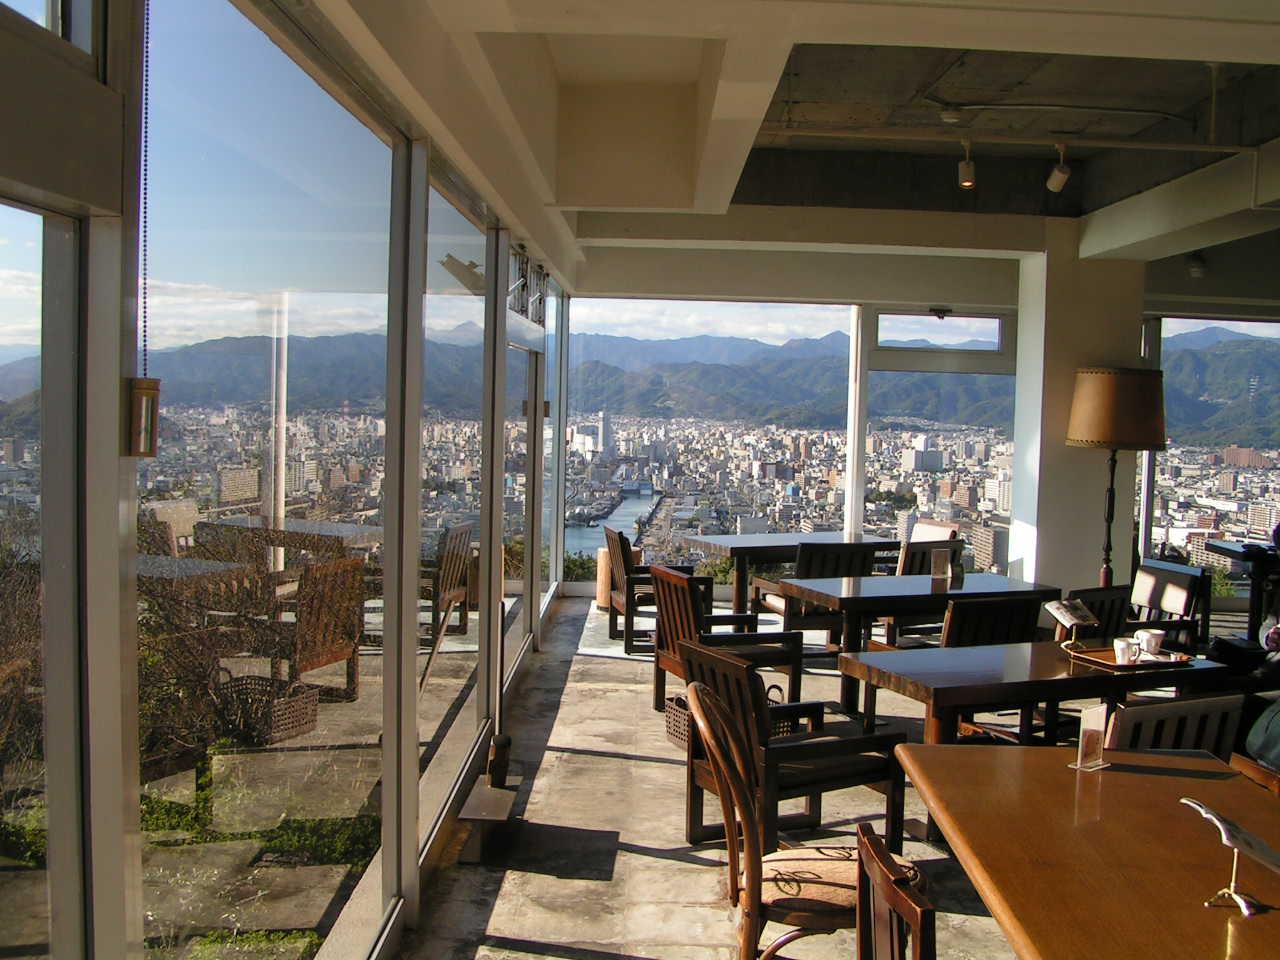 高知市五台山の展望レストラン。 - タイの生活と日本の生活